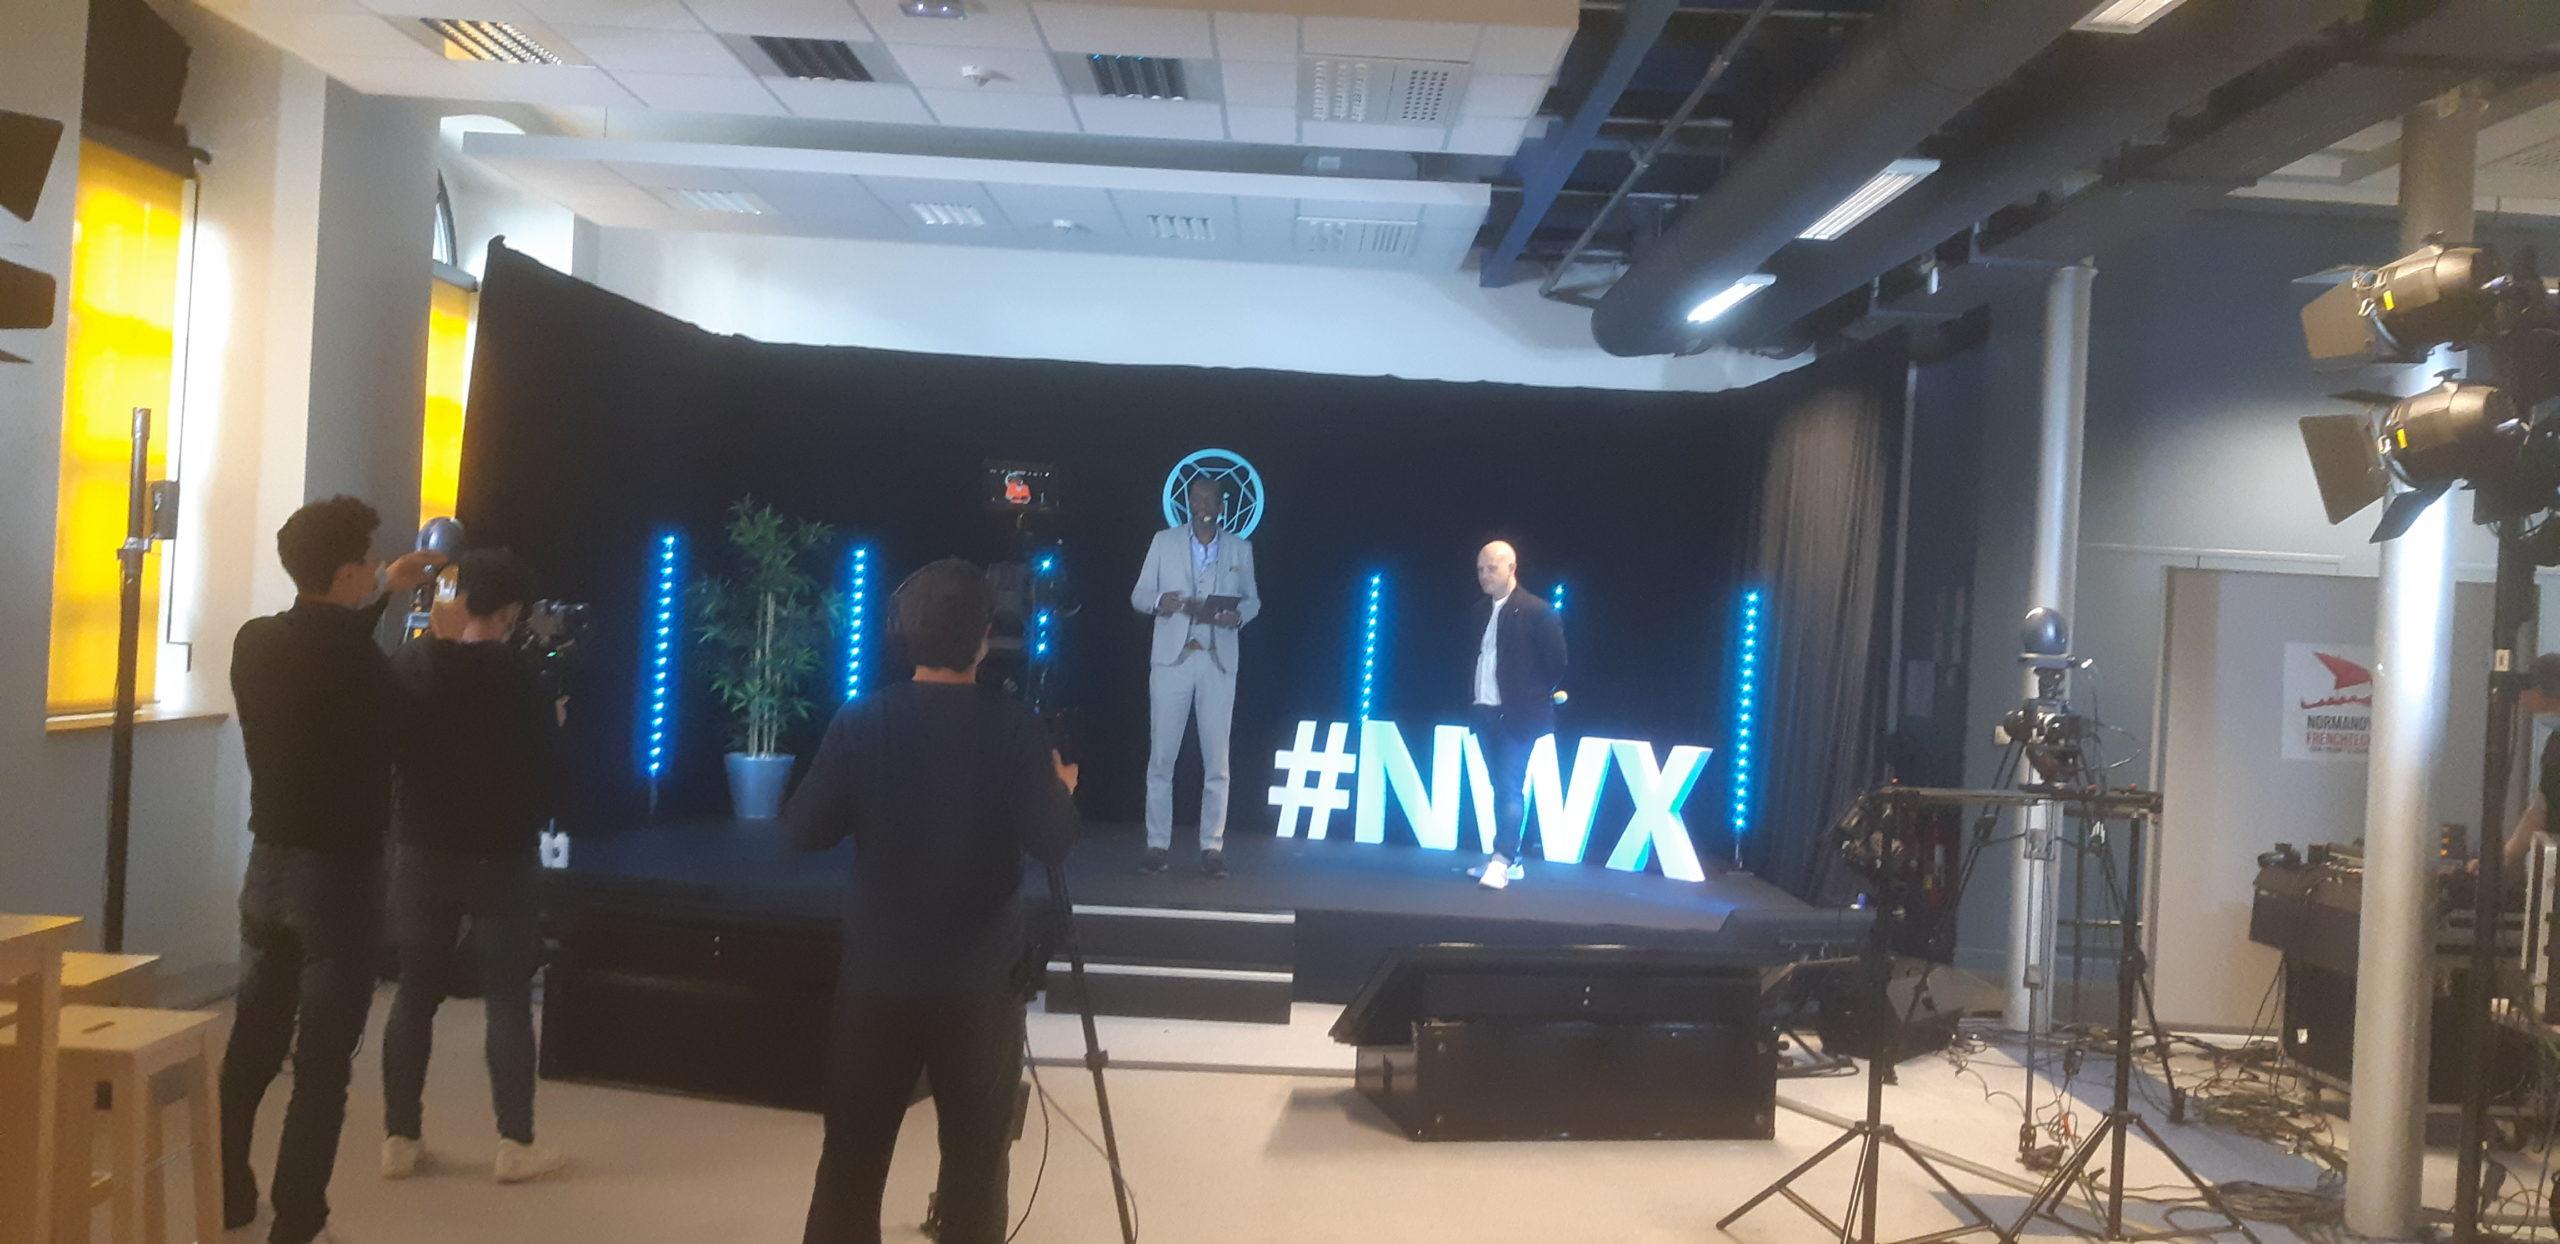 NWX Winter Festival filière numérique normandie Seine Innopolis startups